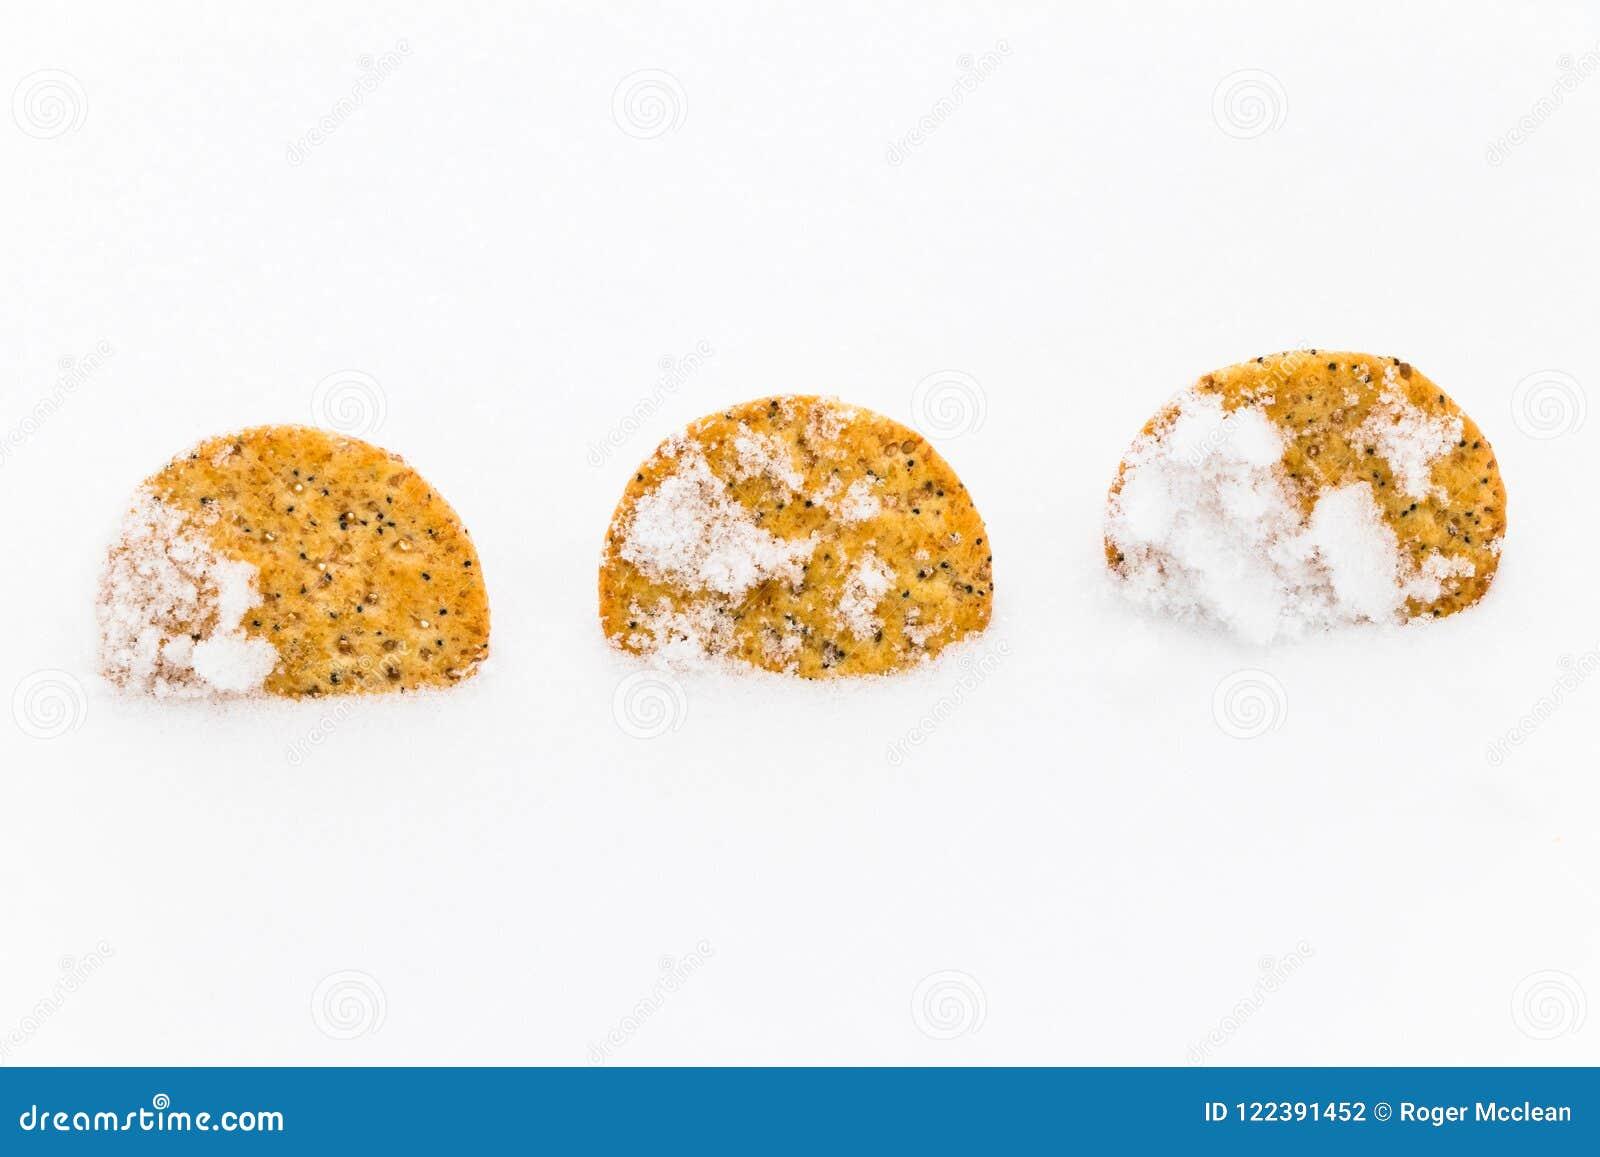 Frialdad de las galletas en invierno